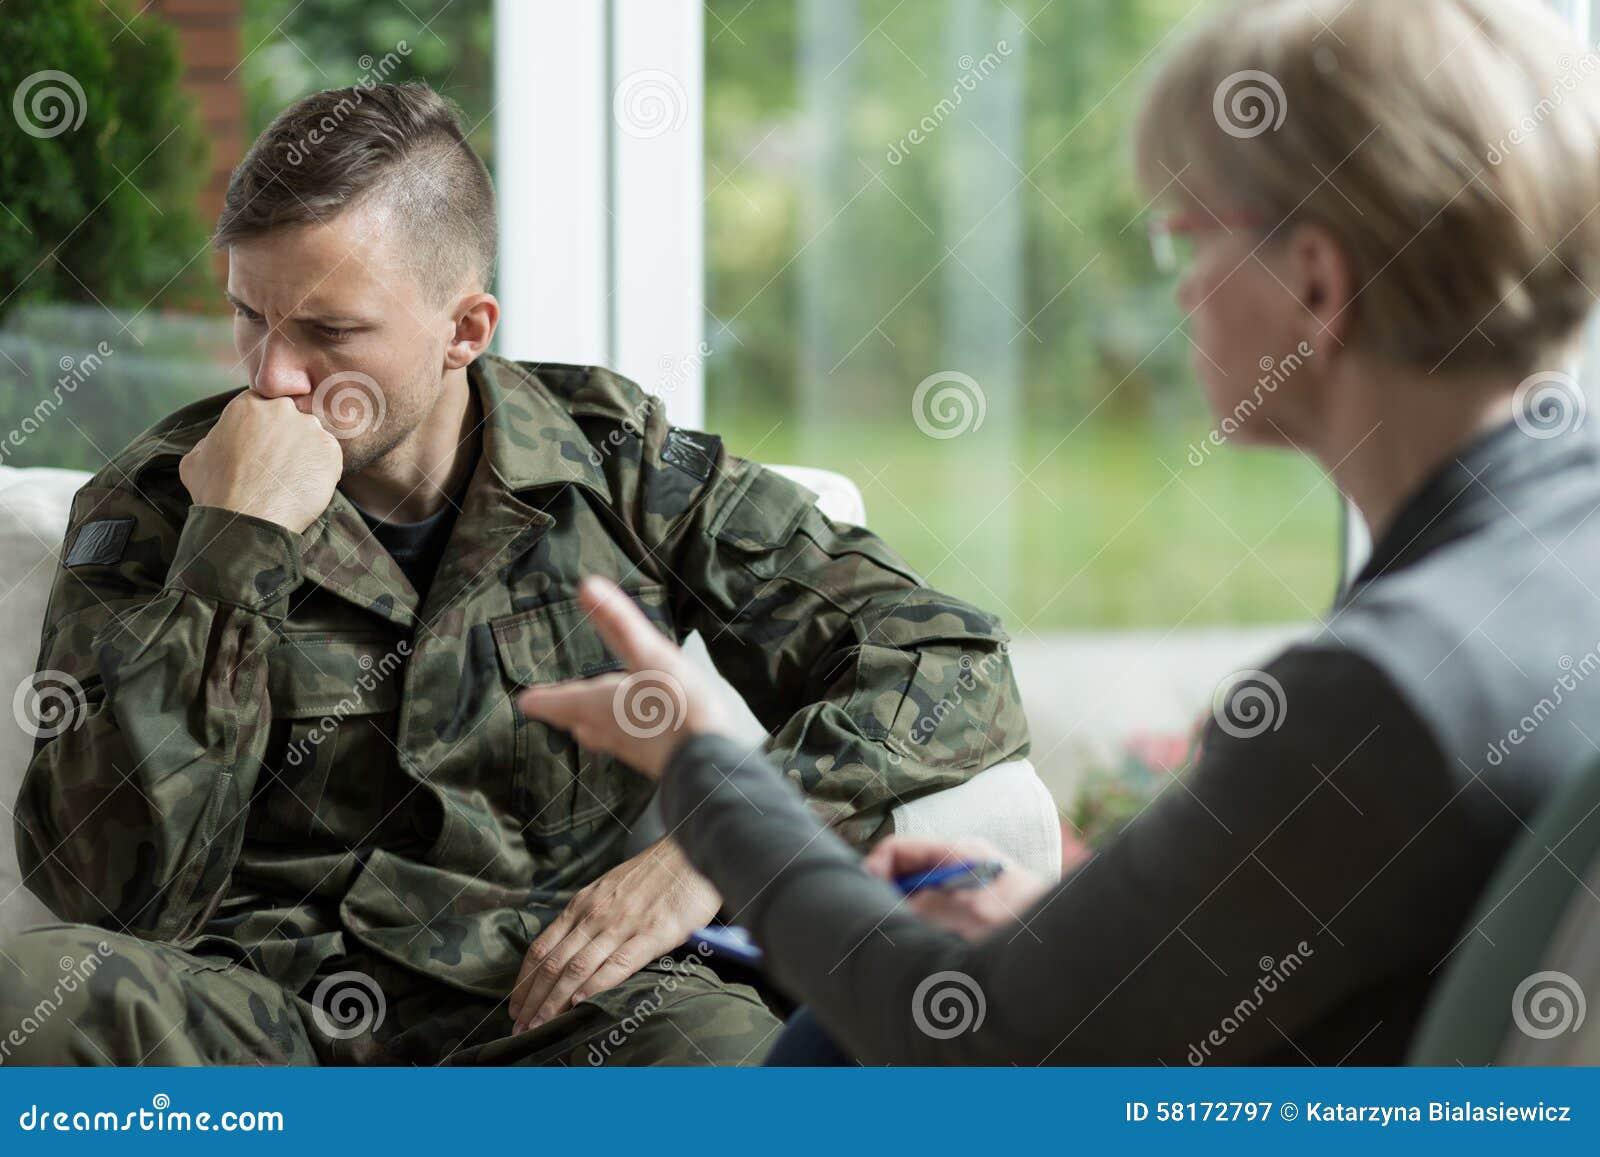 Krigsveteran med problem